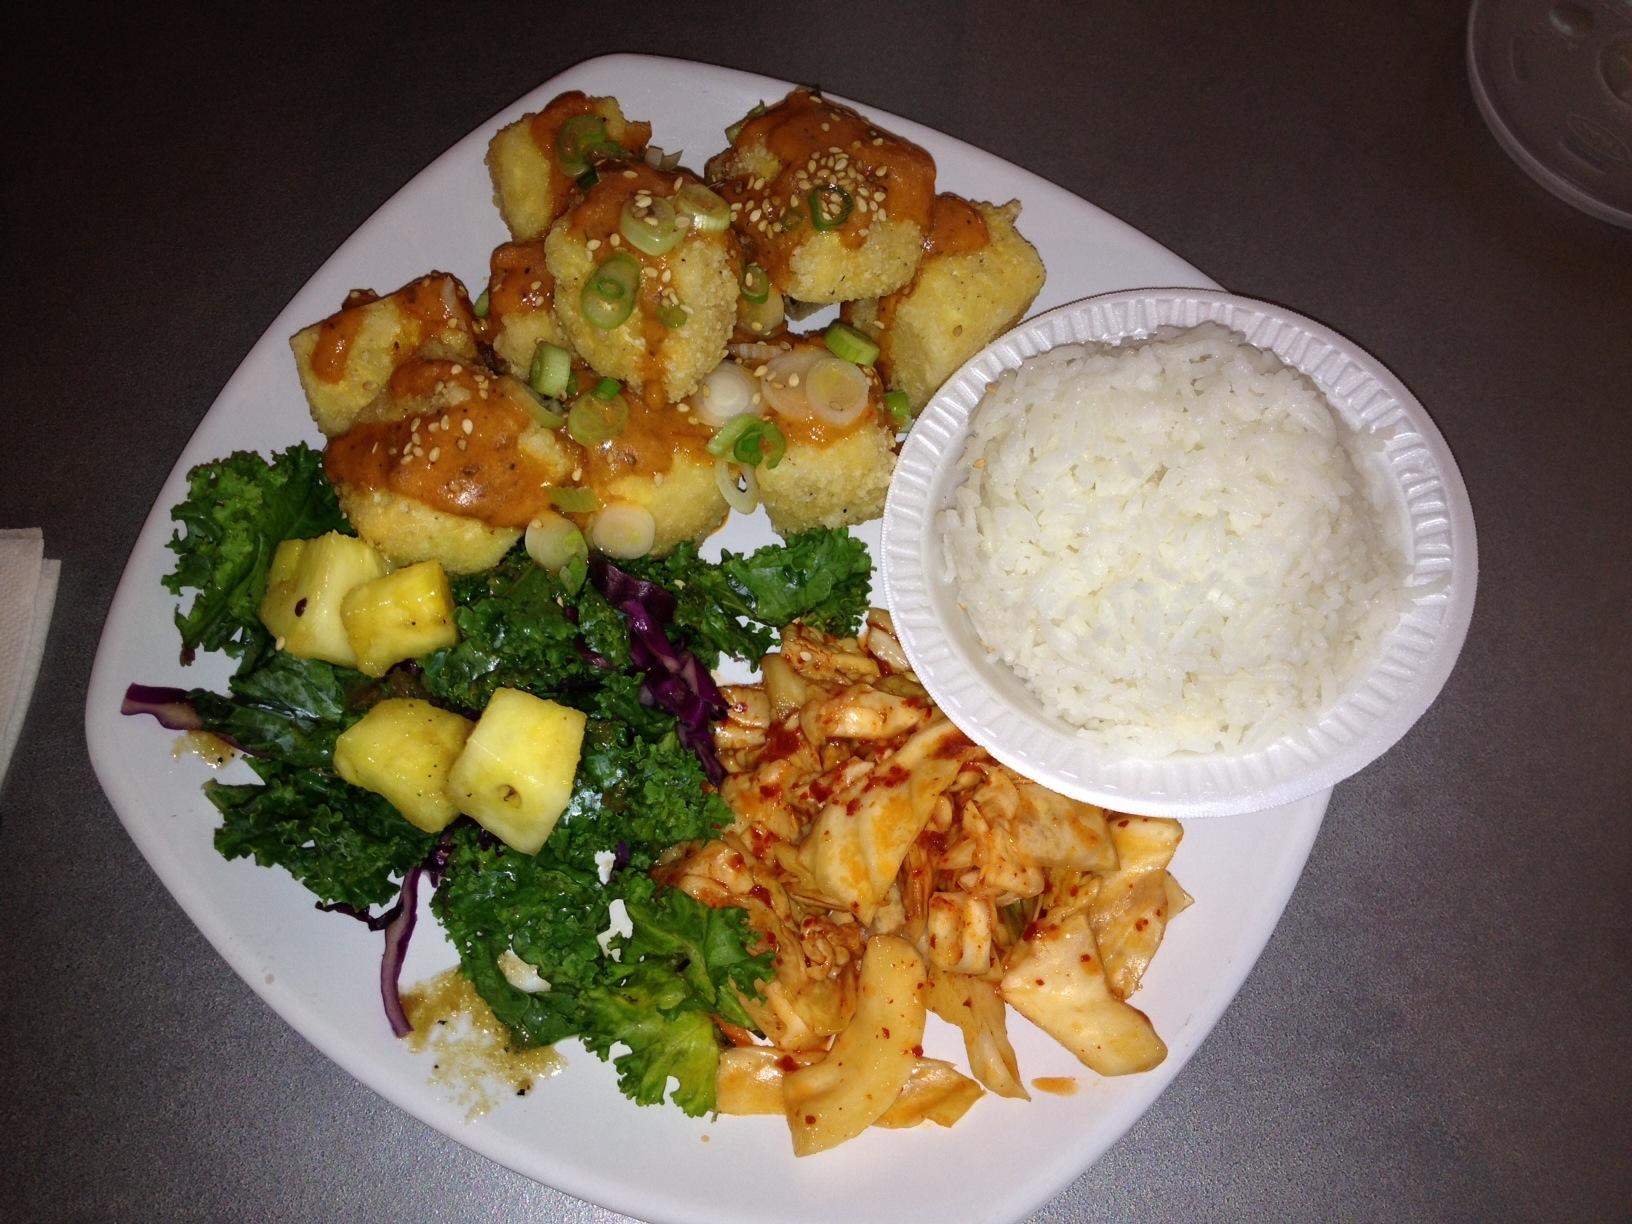 Kwan S Deli And Korean Kitchen Menu